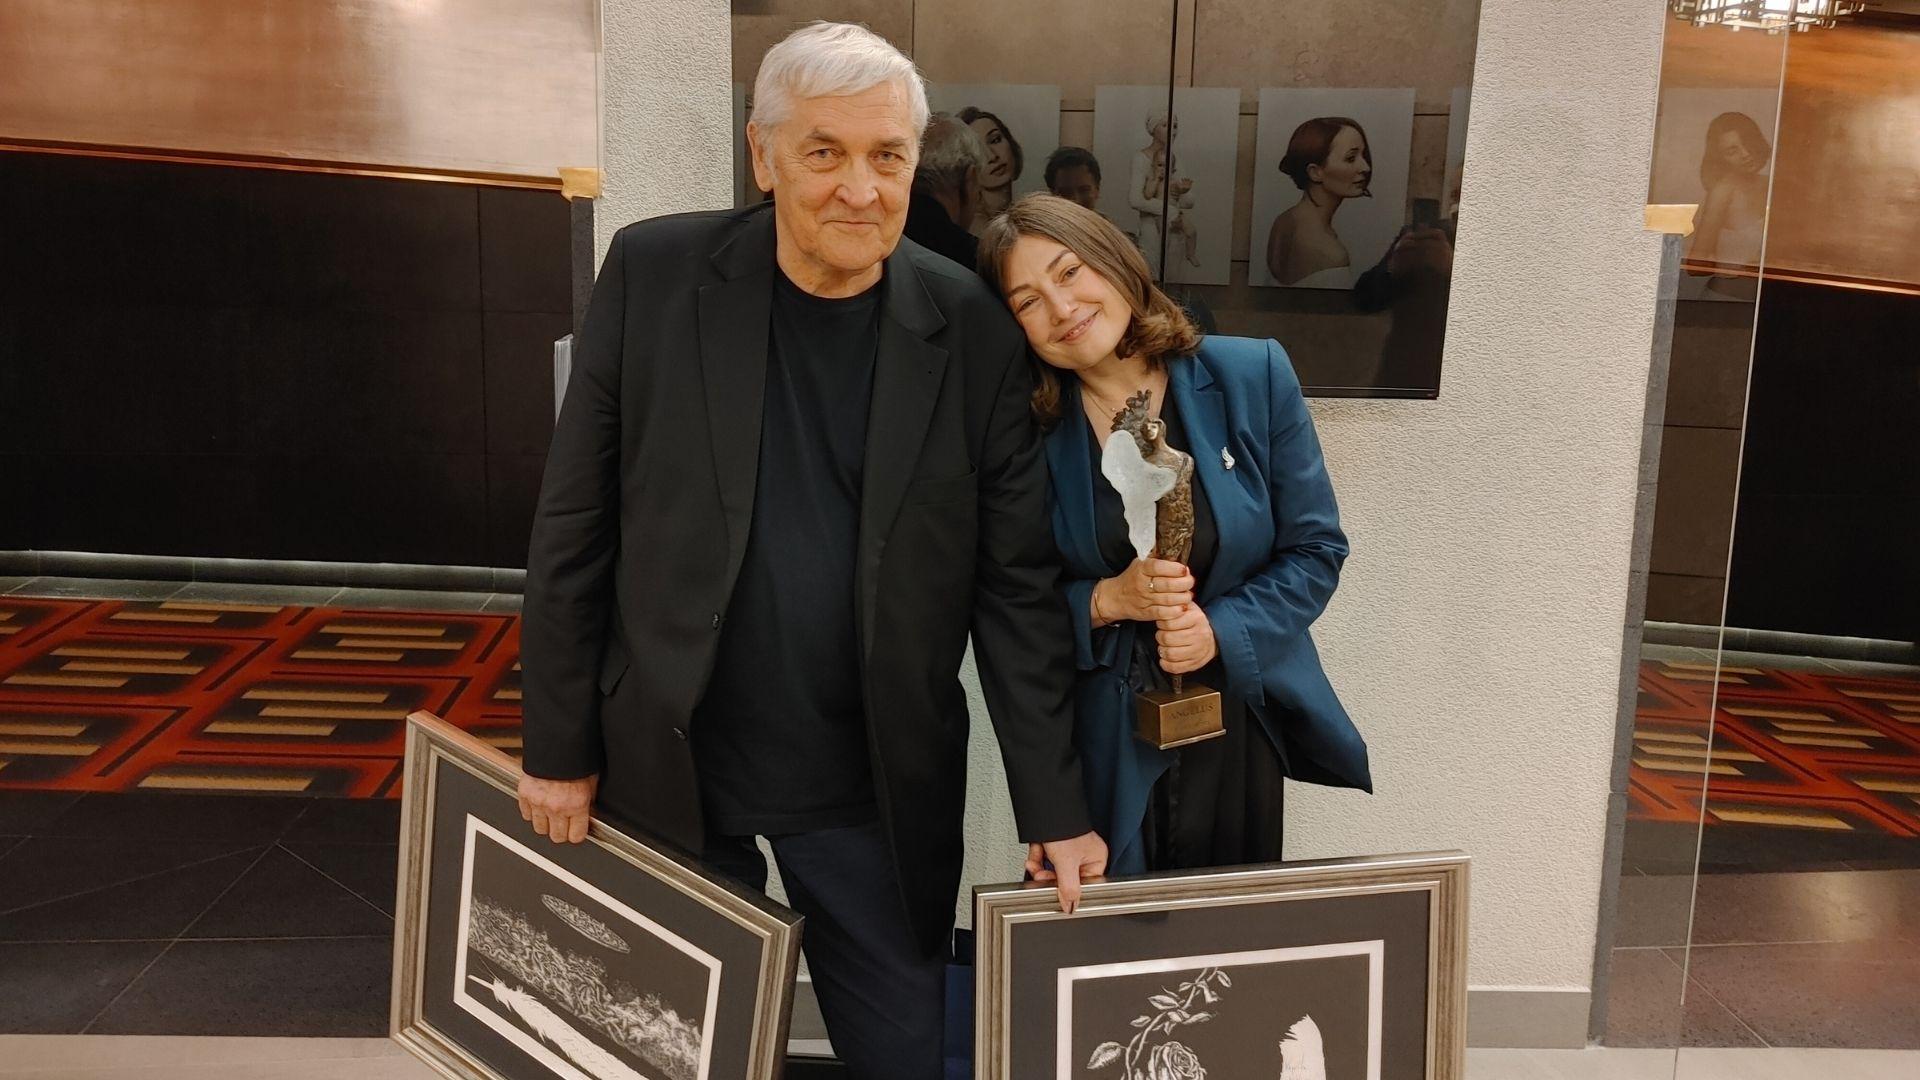 Zdjęcie przedstawia kobietę i mężczyznę z obrazami oraz statuetką.